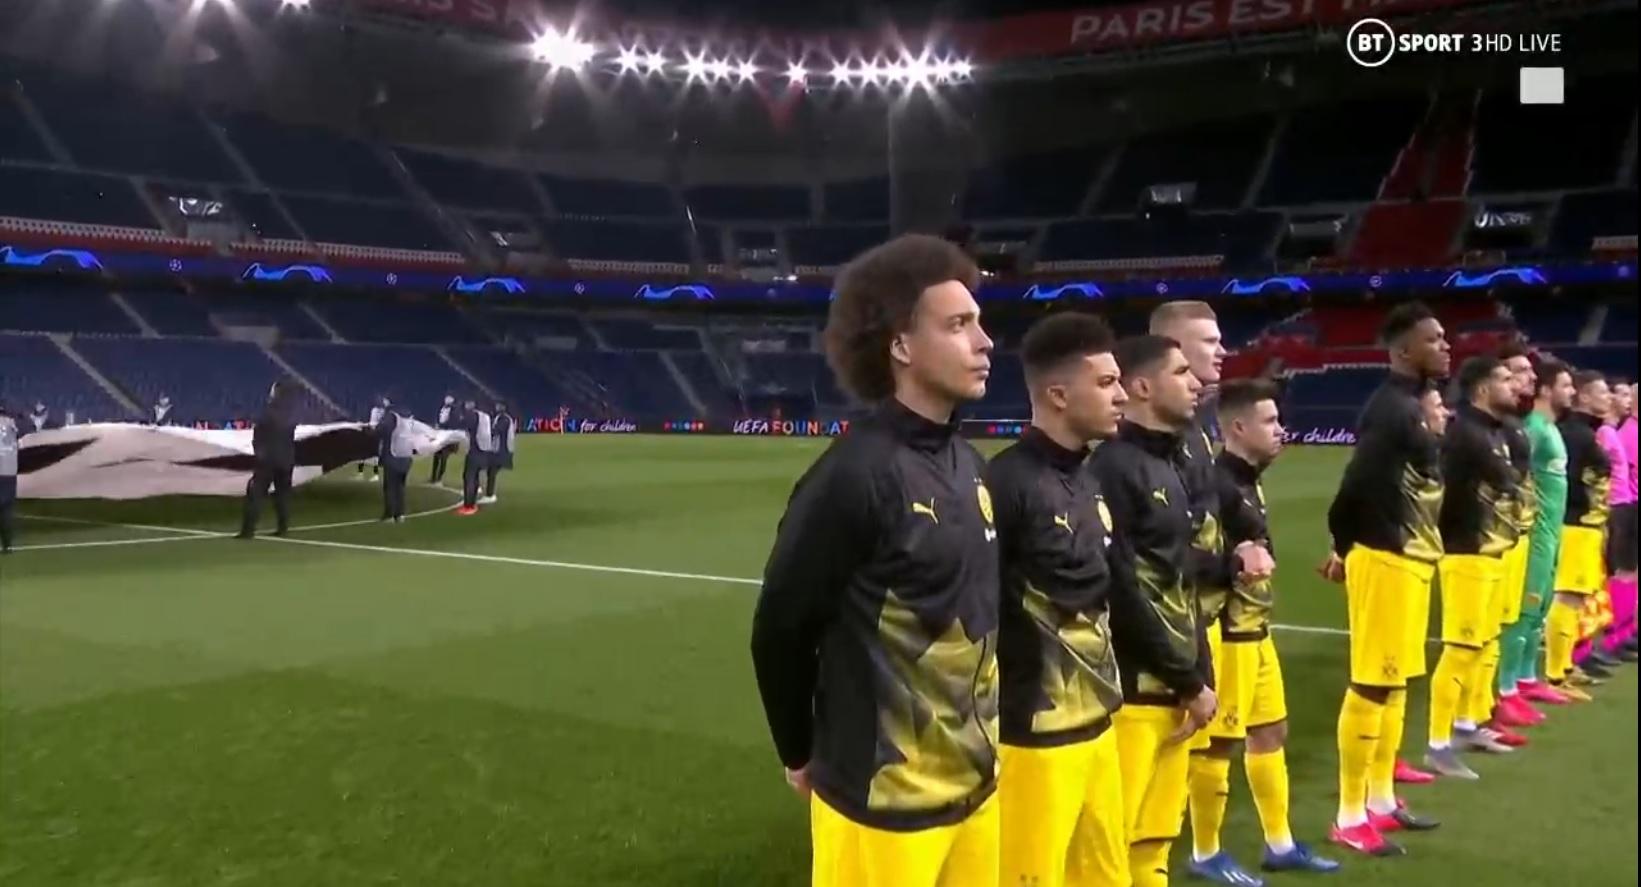 لیگ قهرمانان اروپا-uefa champions league